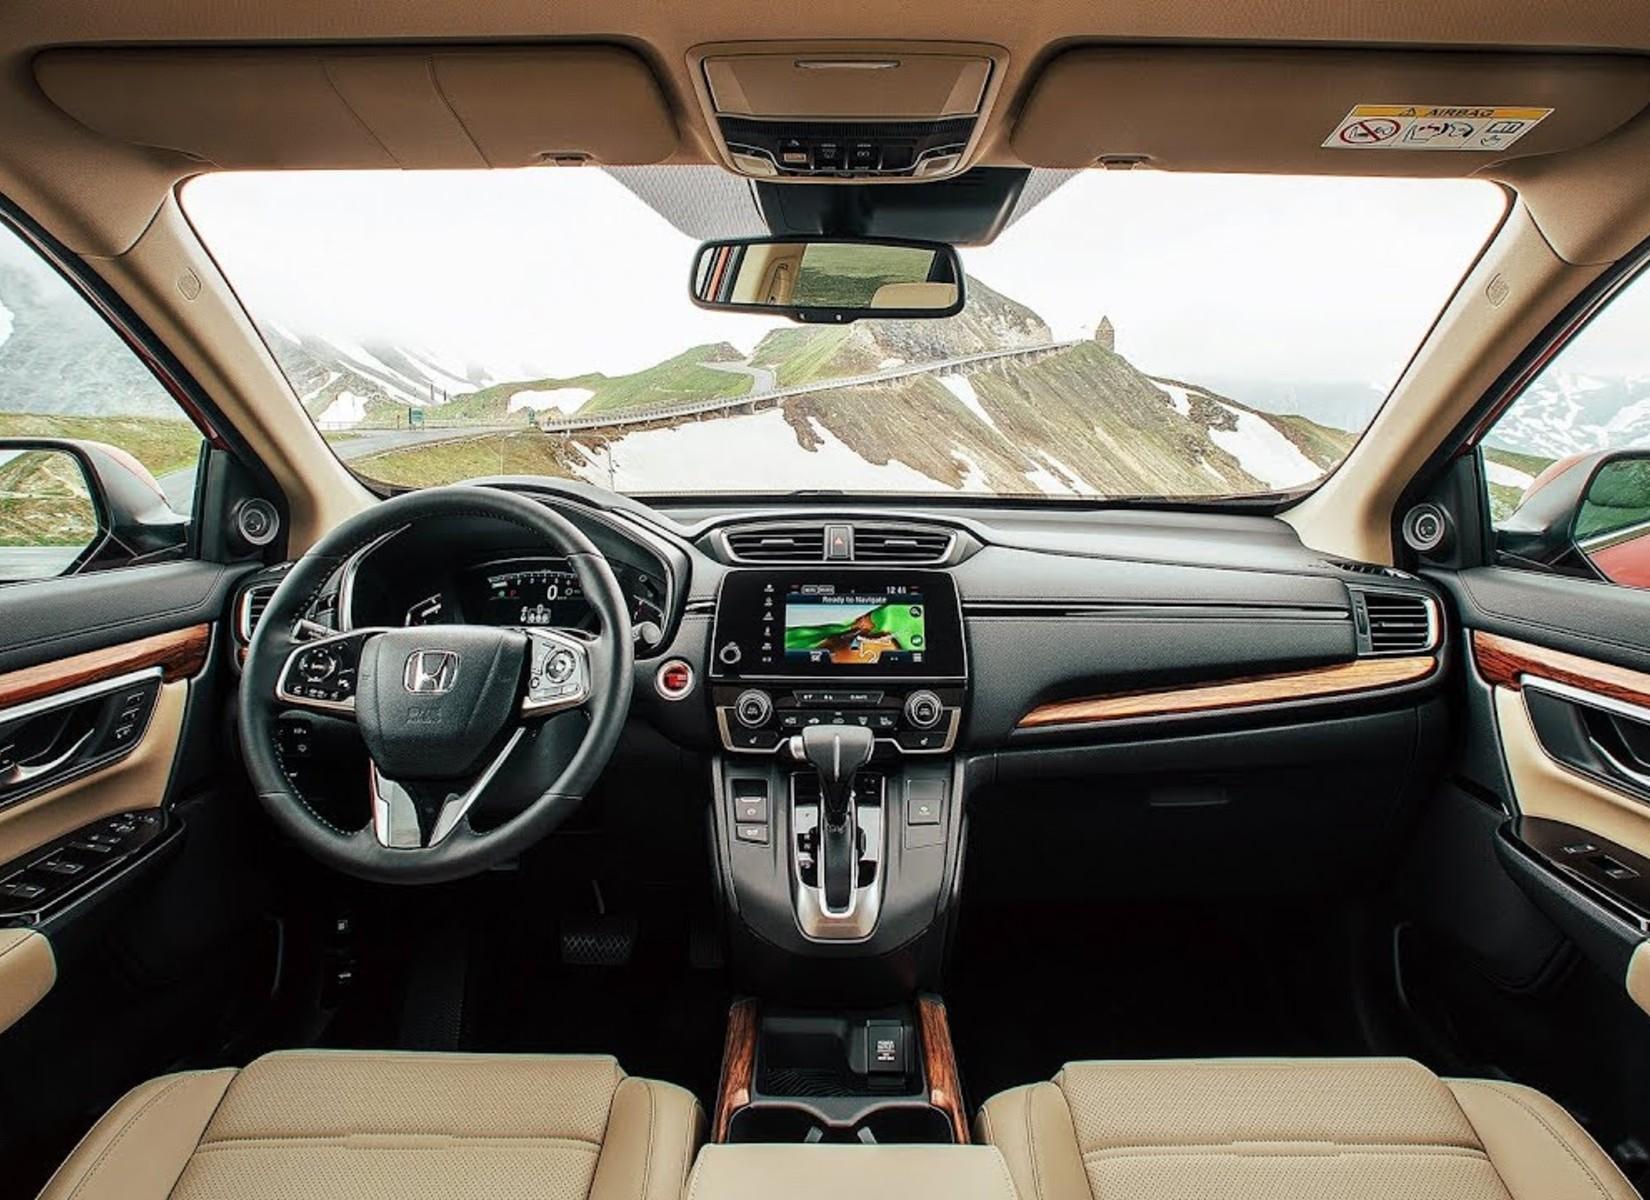 2019 Honda CR-V Interior Technology